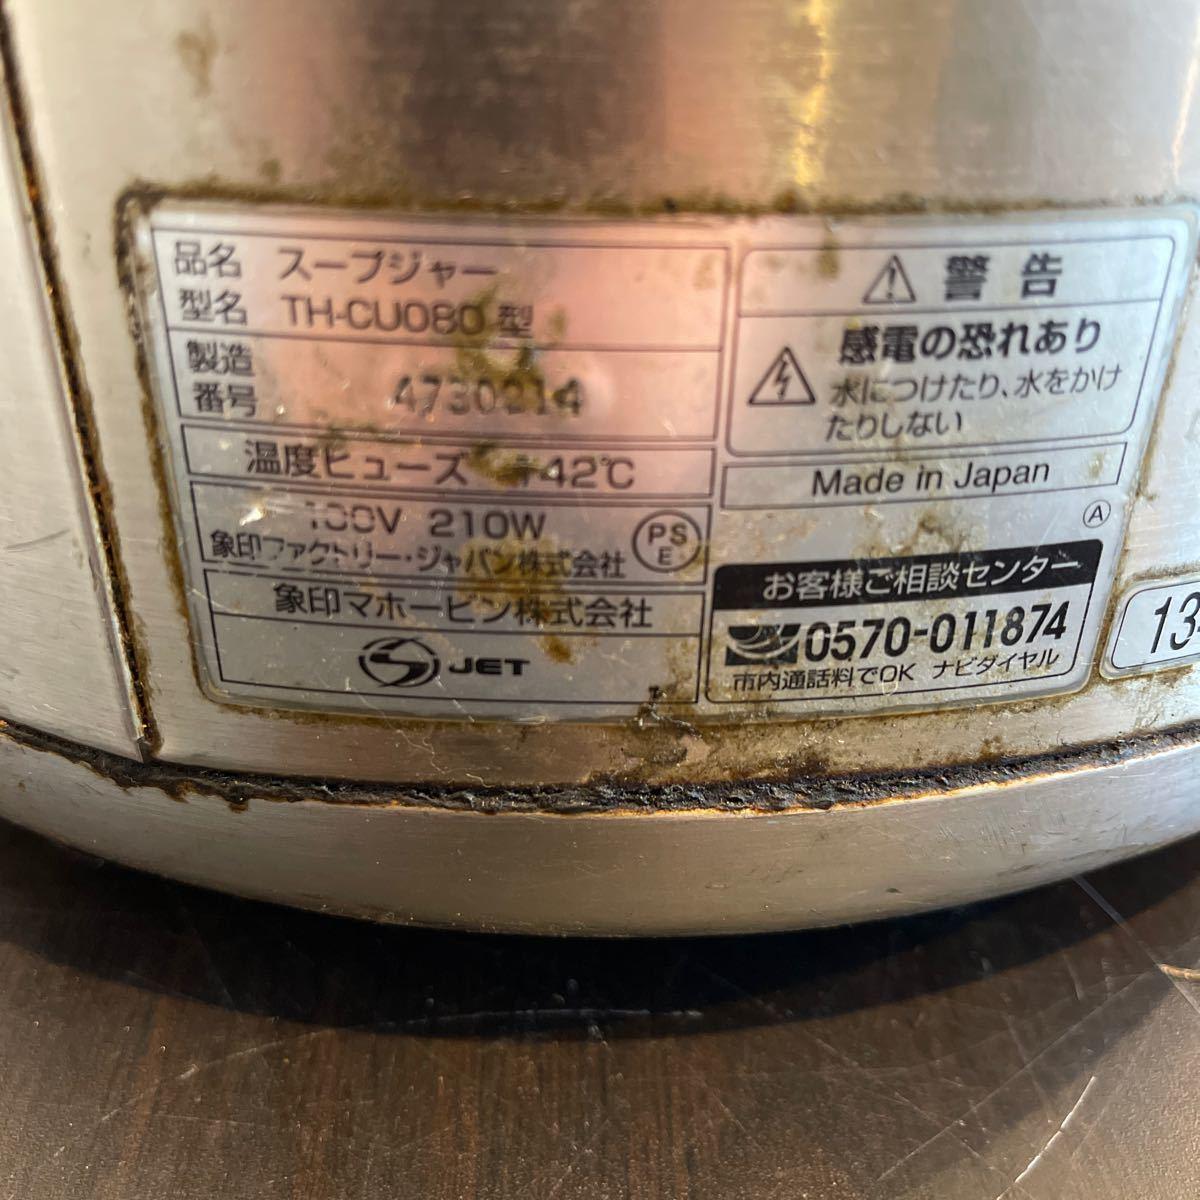 象印 マイコンスープジャー TH-CU080 8.0L 厨房 店舗 業務用 ZOJIRUSHI 2013年製_画像7